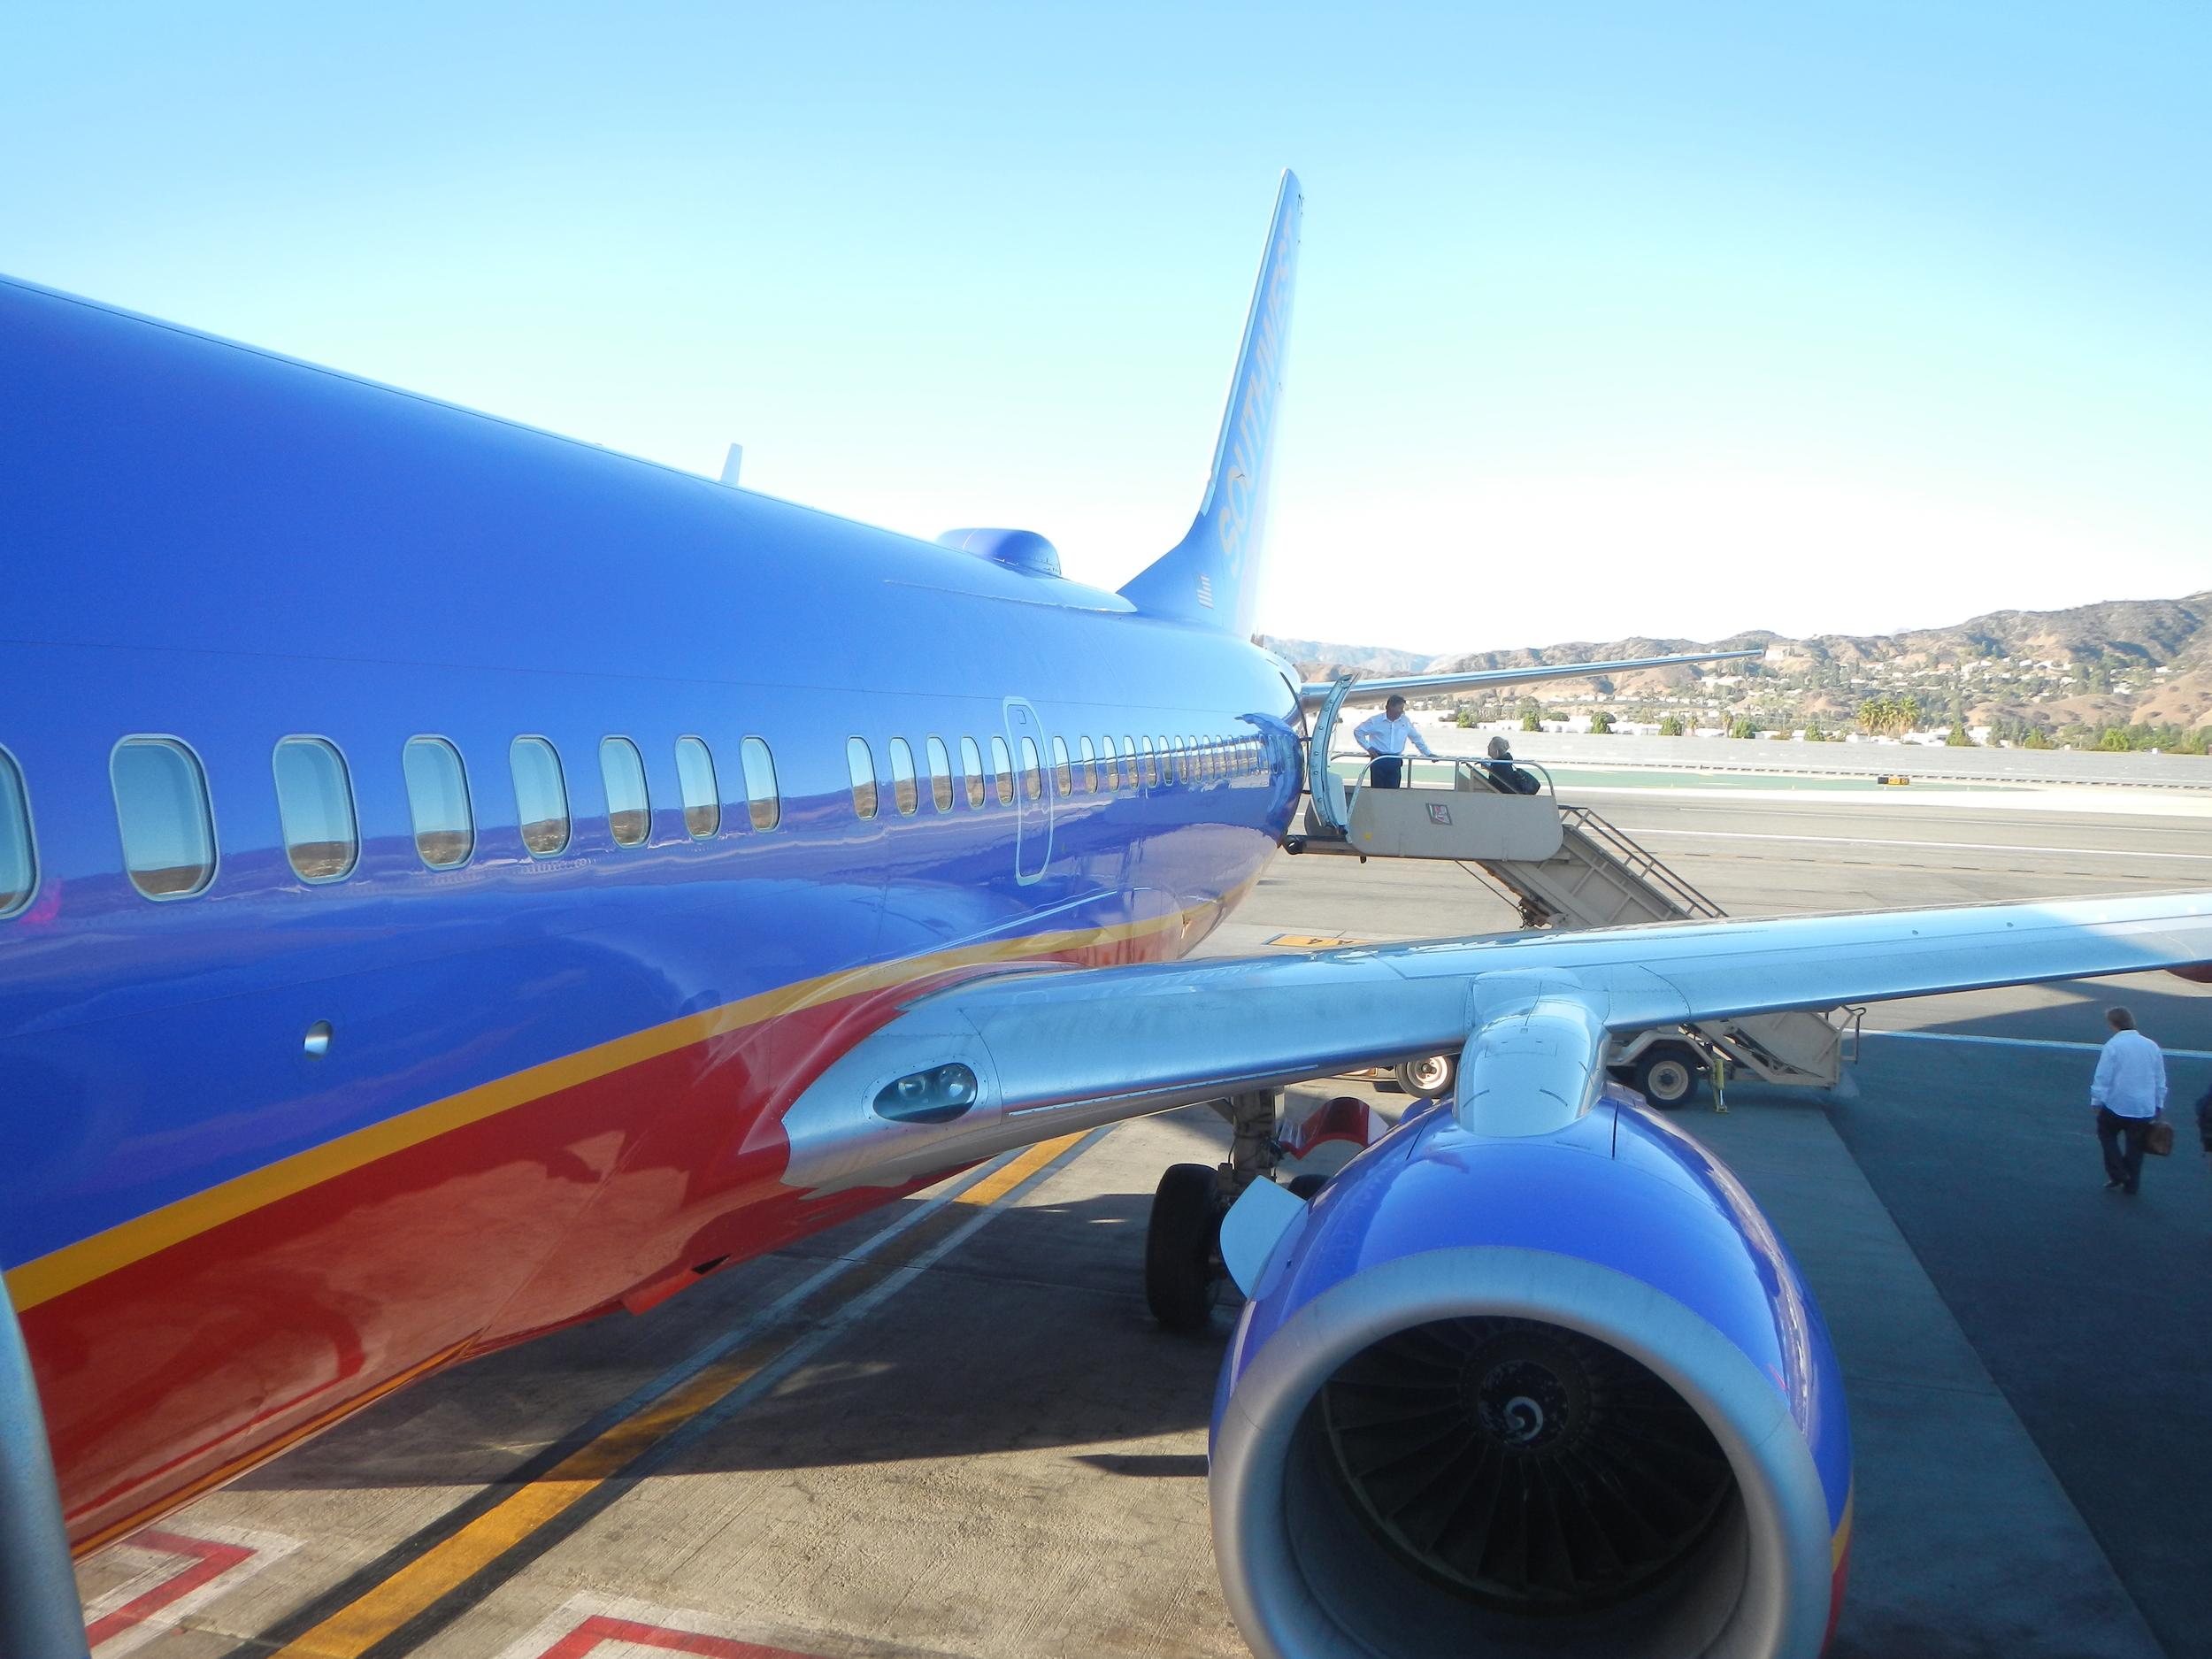 Boarding our flight